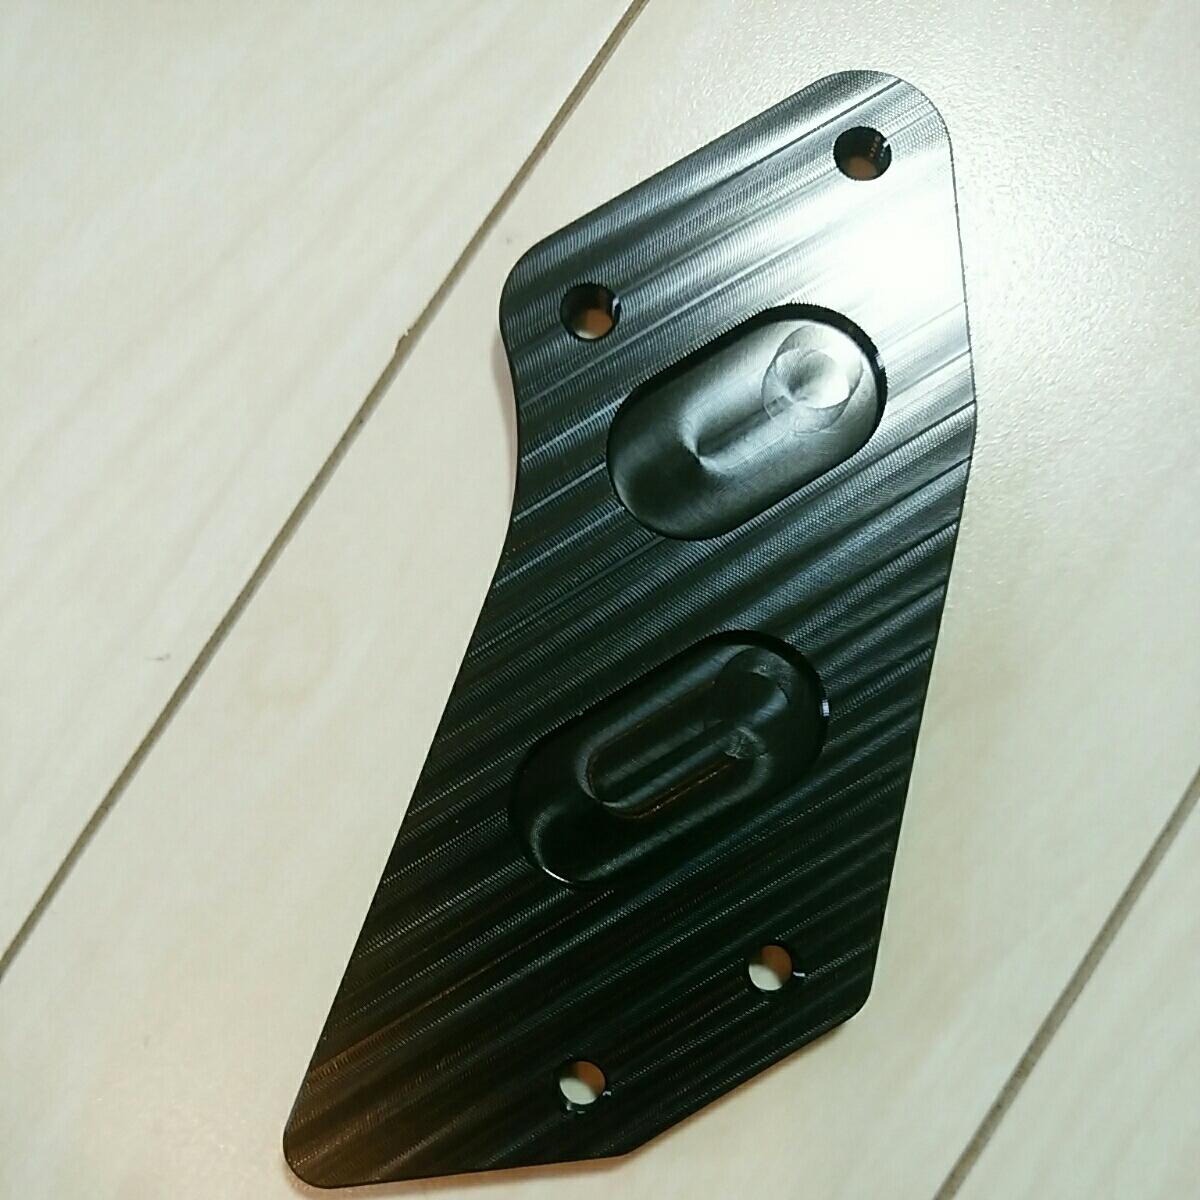 XR250 antlion 未使用品 チェーンガイド MD30 モタード BAJA バハ チェーンガード カバー アントライオン_画像4